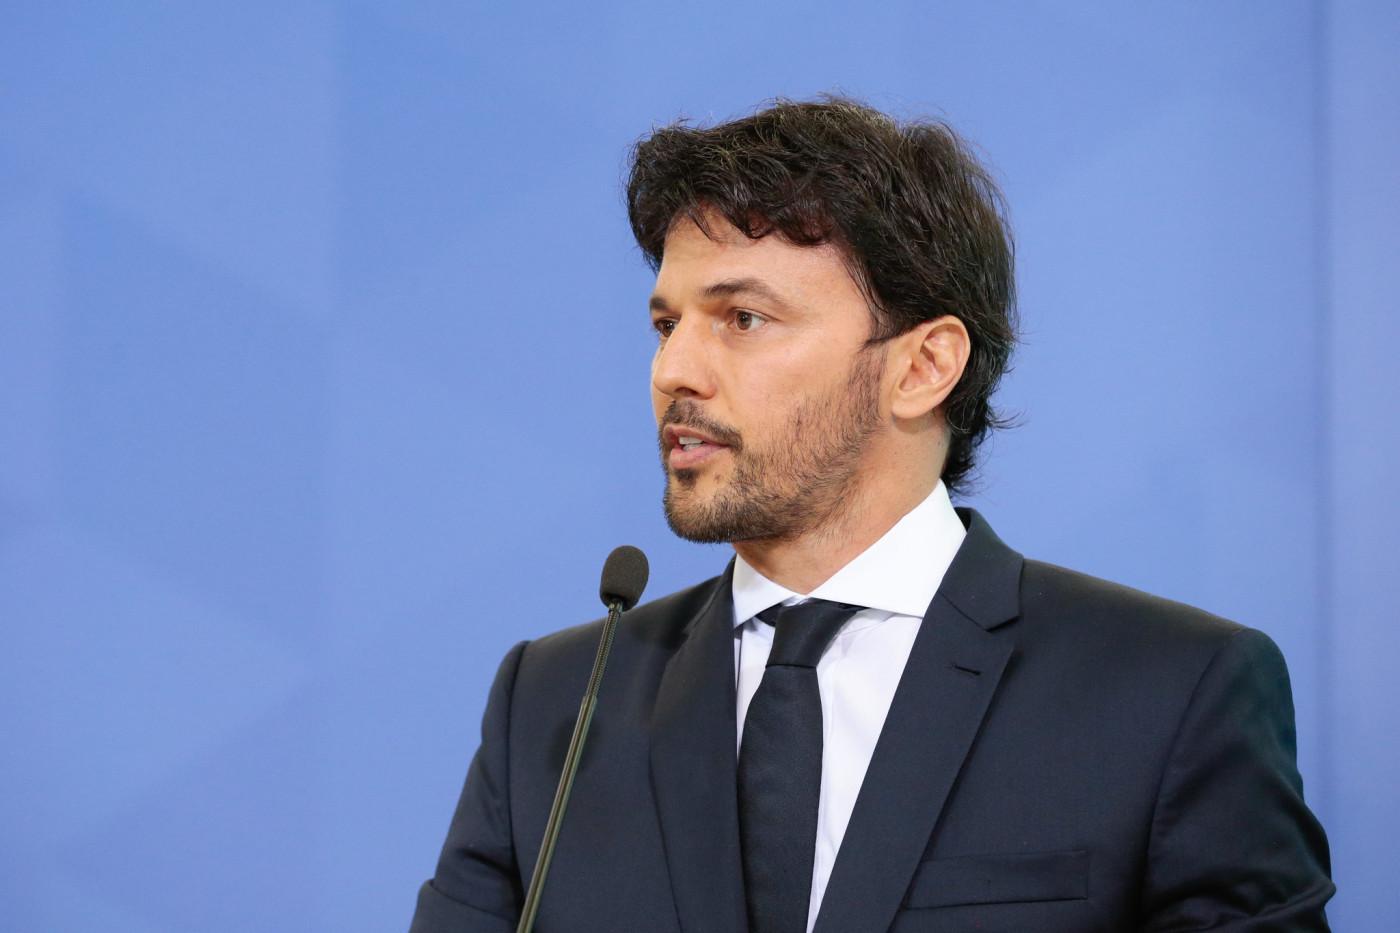 O ministro das Comunicações Fábio Faria olhando para o lado e usando terno preto